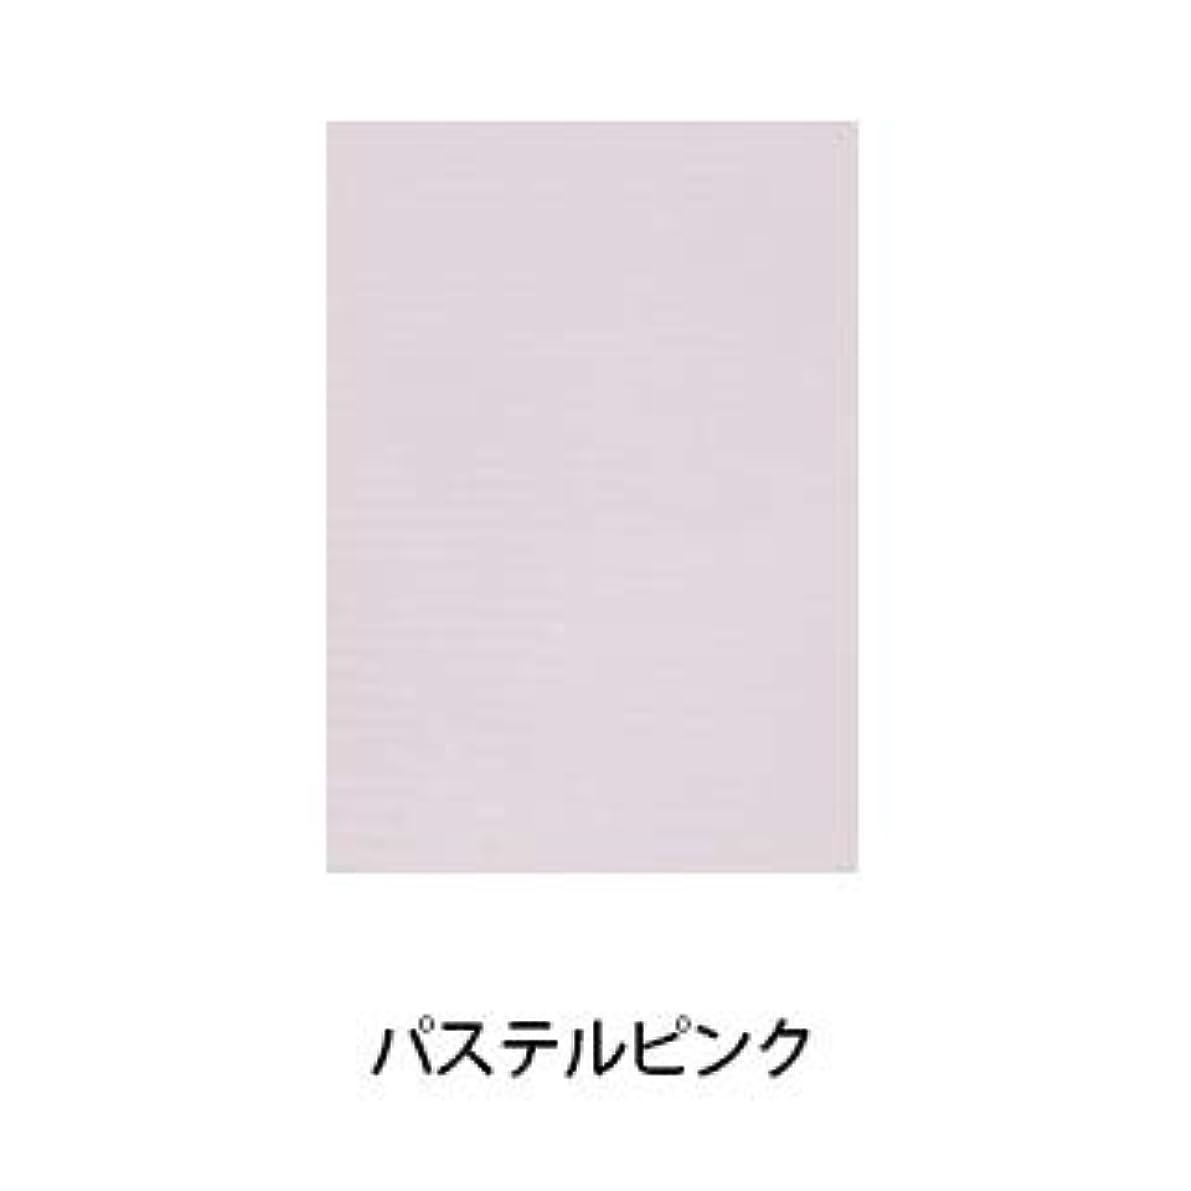 平日刈るアコー【パステルシリーズ】100枚入り ネイルシート ペーパークロス (パステルピンク)